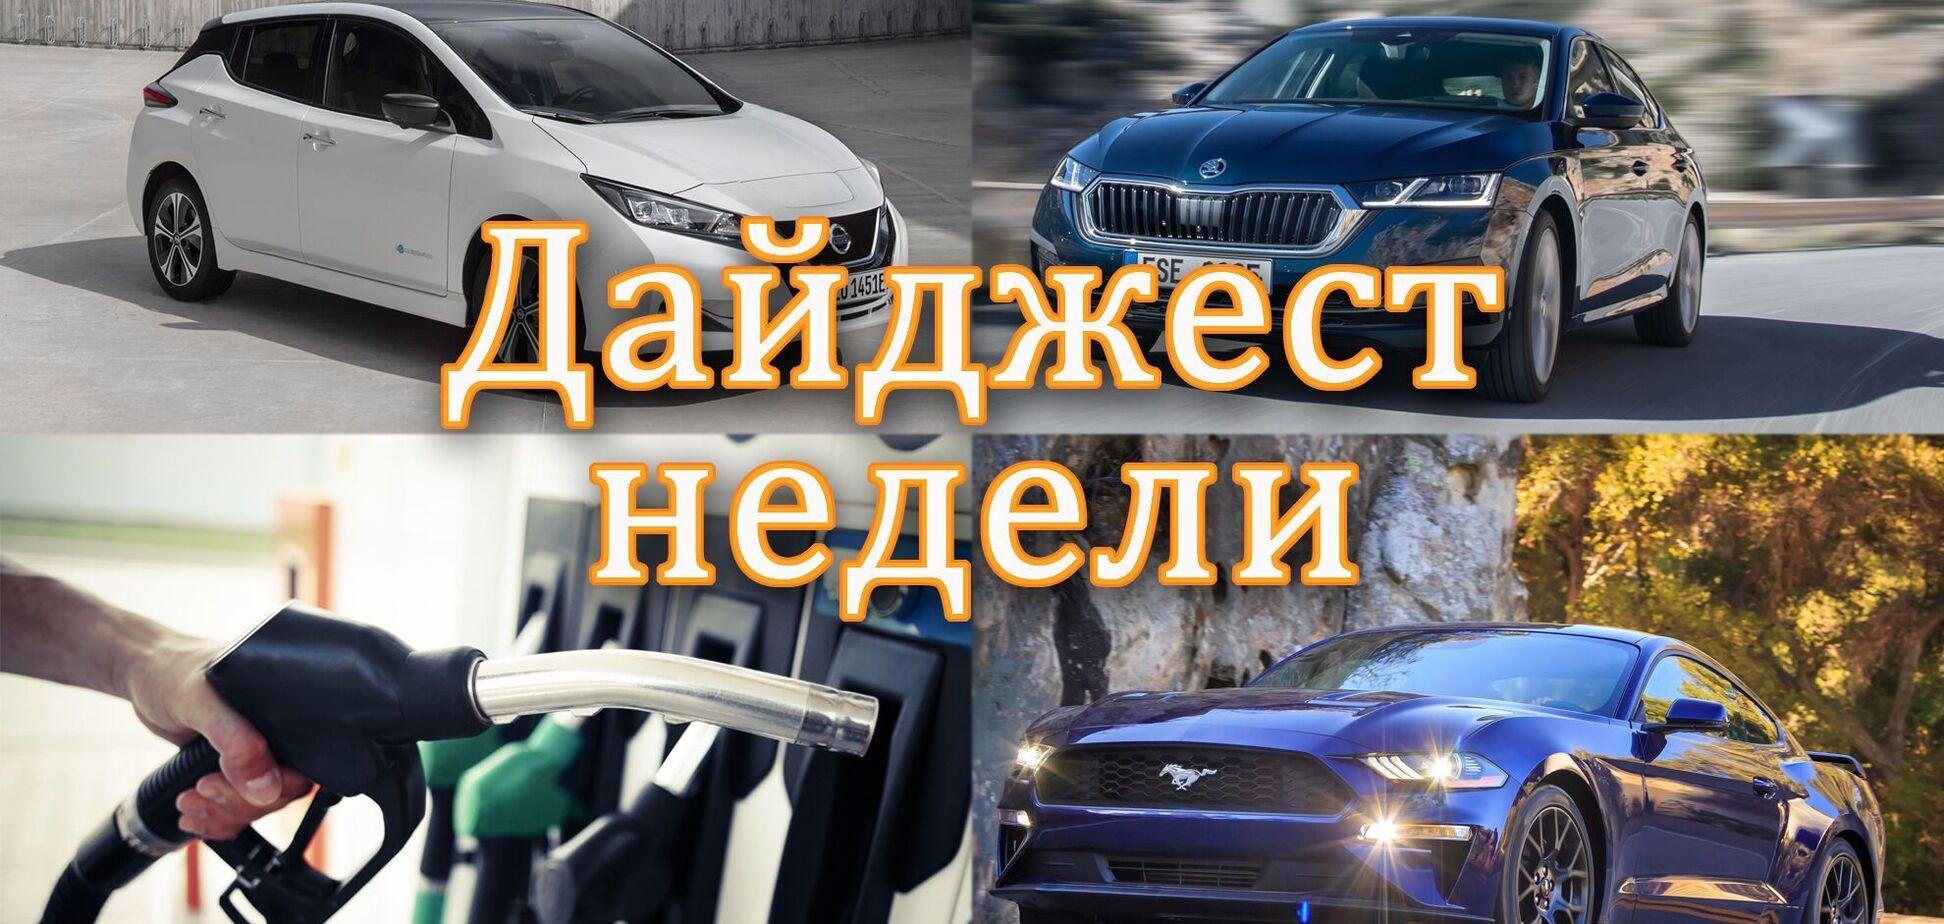 Небезпечні АЗС, дорожній збір та конкуренти Octavia: головне за тиждень